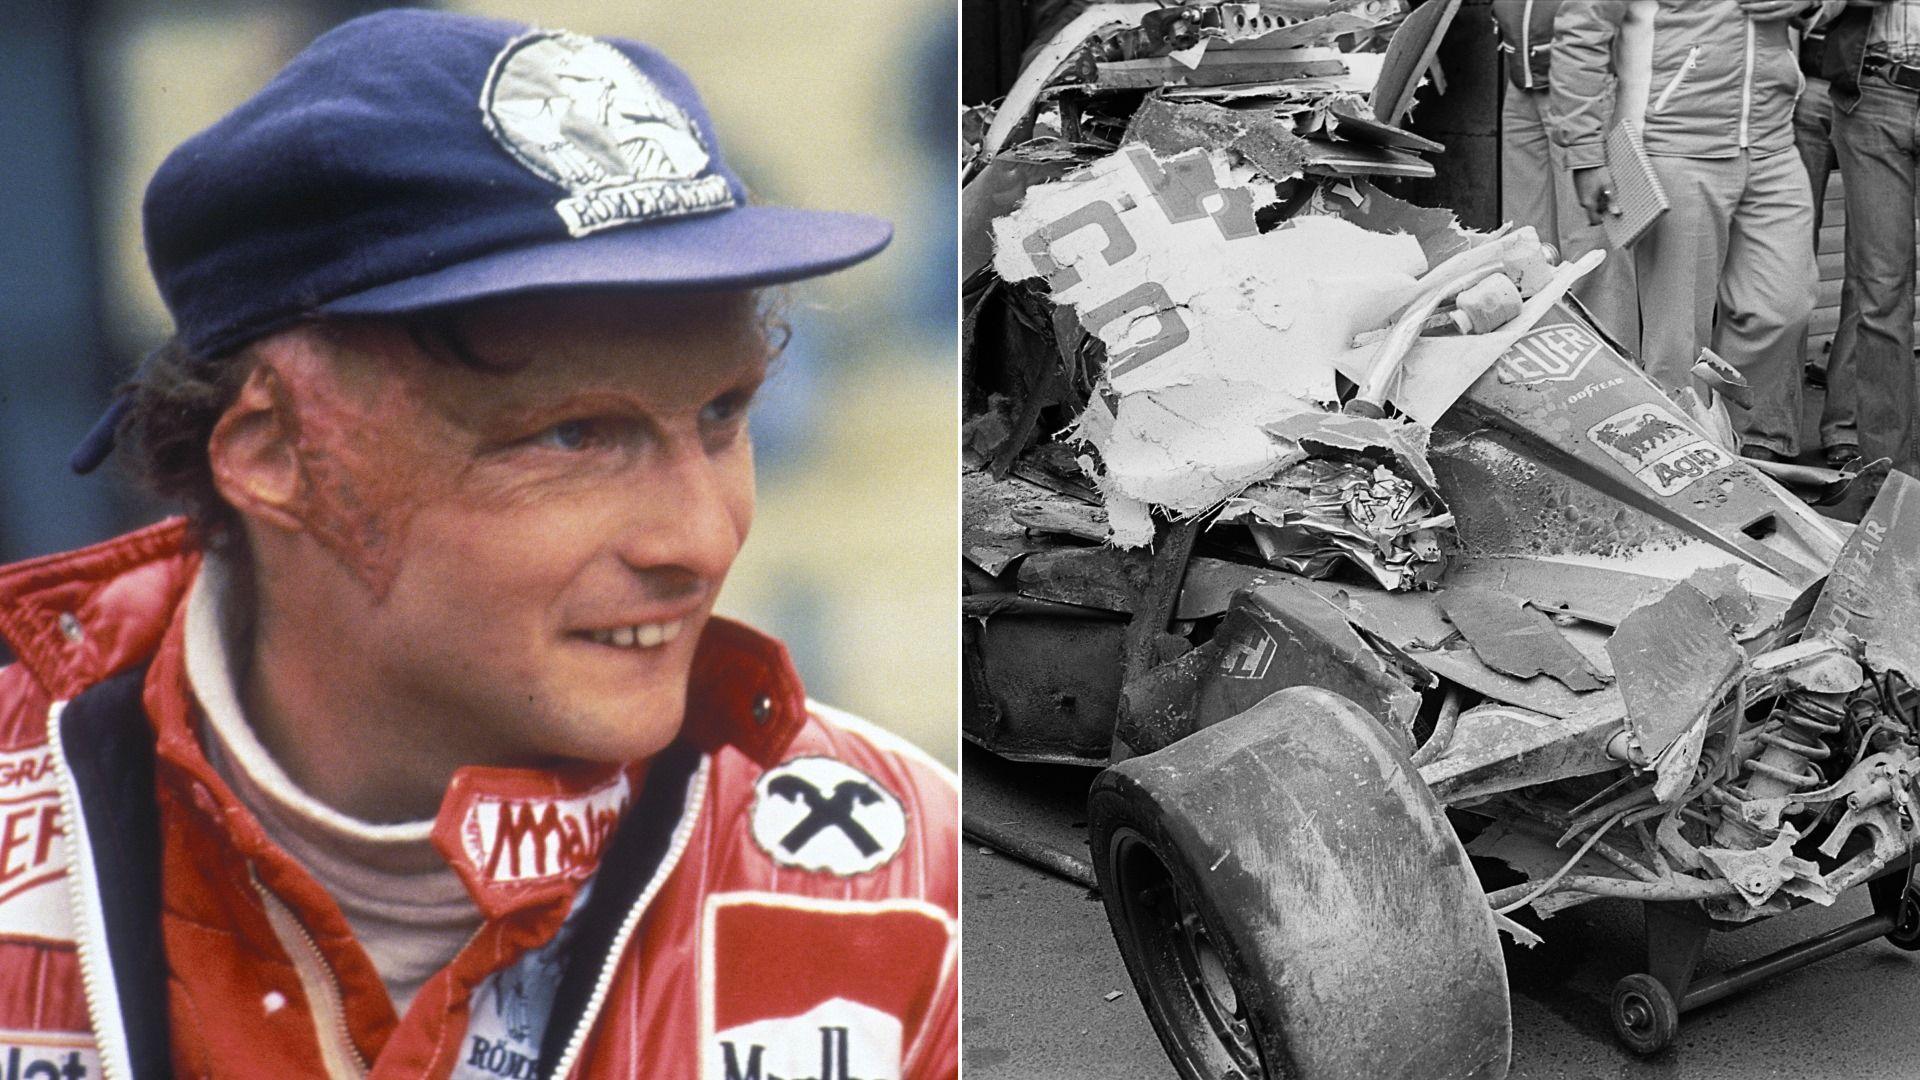 Niki Lauda nezastavil, aby zachránil umírajícího kolegu, a nelitoval toho. Co se stalo tři roky před známou nehodou?